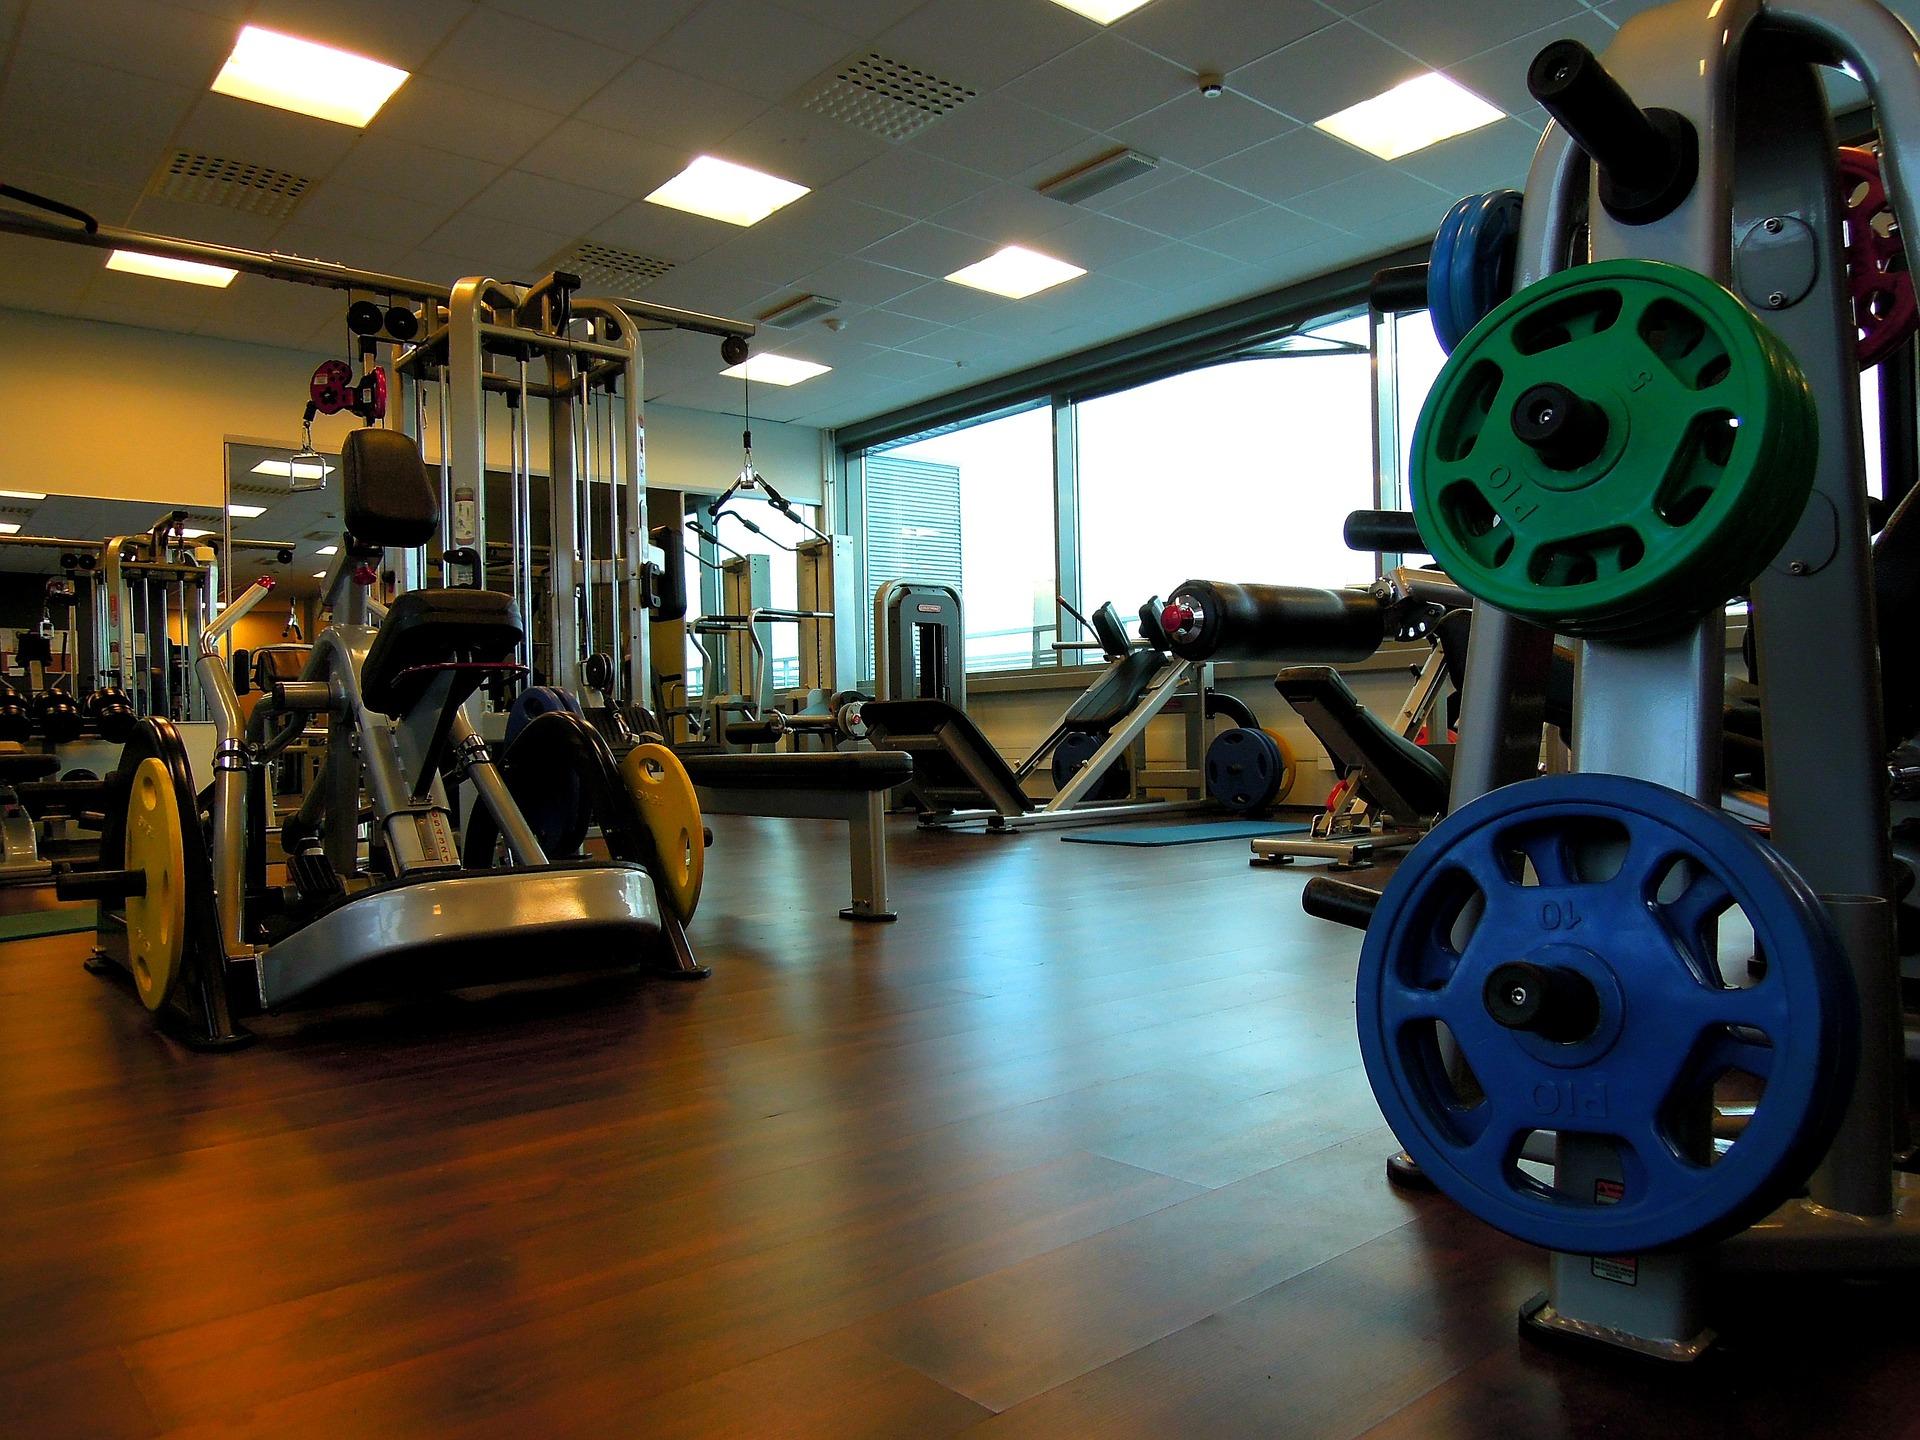 Airwalker Fitnessgerät